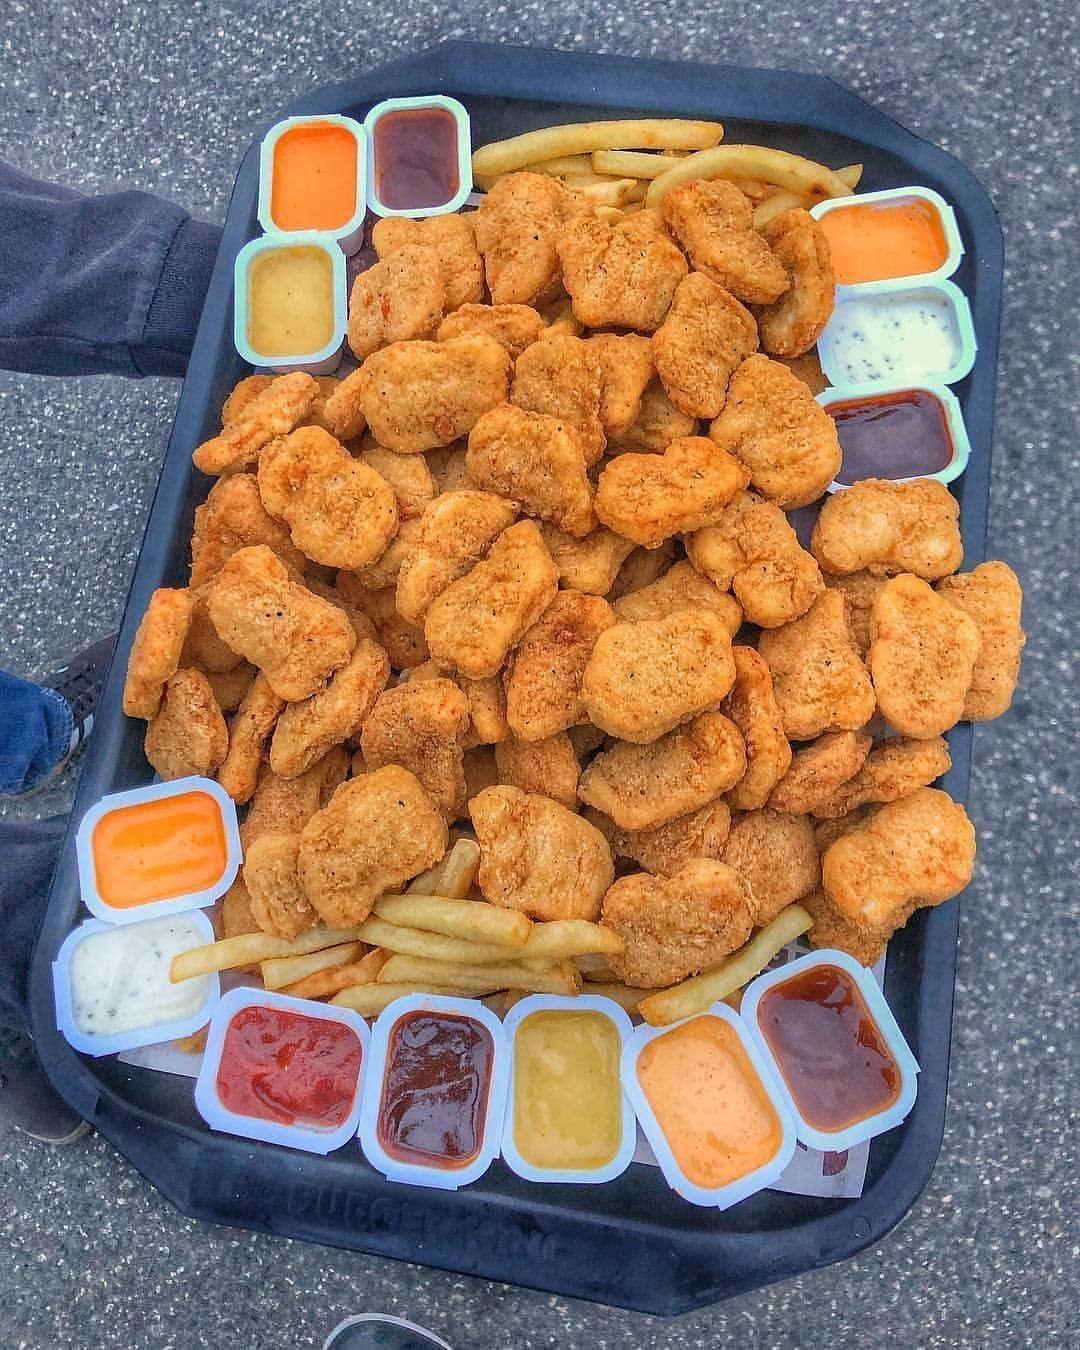 Brittany Kellar Auf Beenden Bei Burgerking Burgerkingindia Chicken Diese Freunde Grubzon Helfen Ihnen Junk Food Snacks Sleepover Food Food Cravings